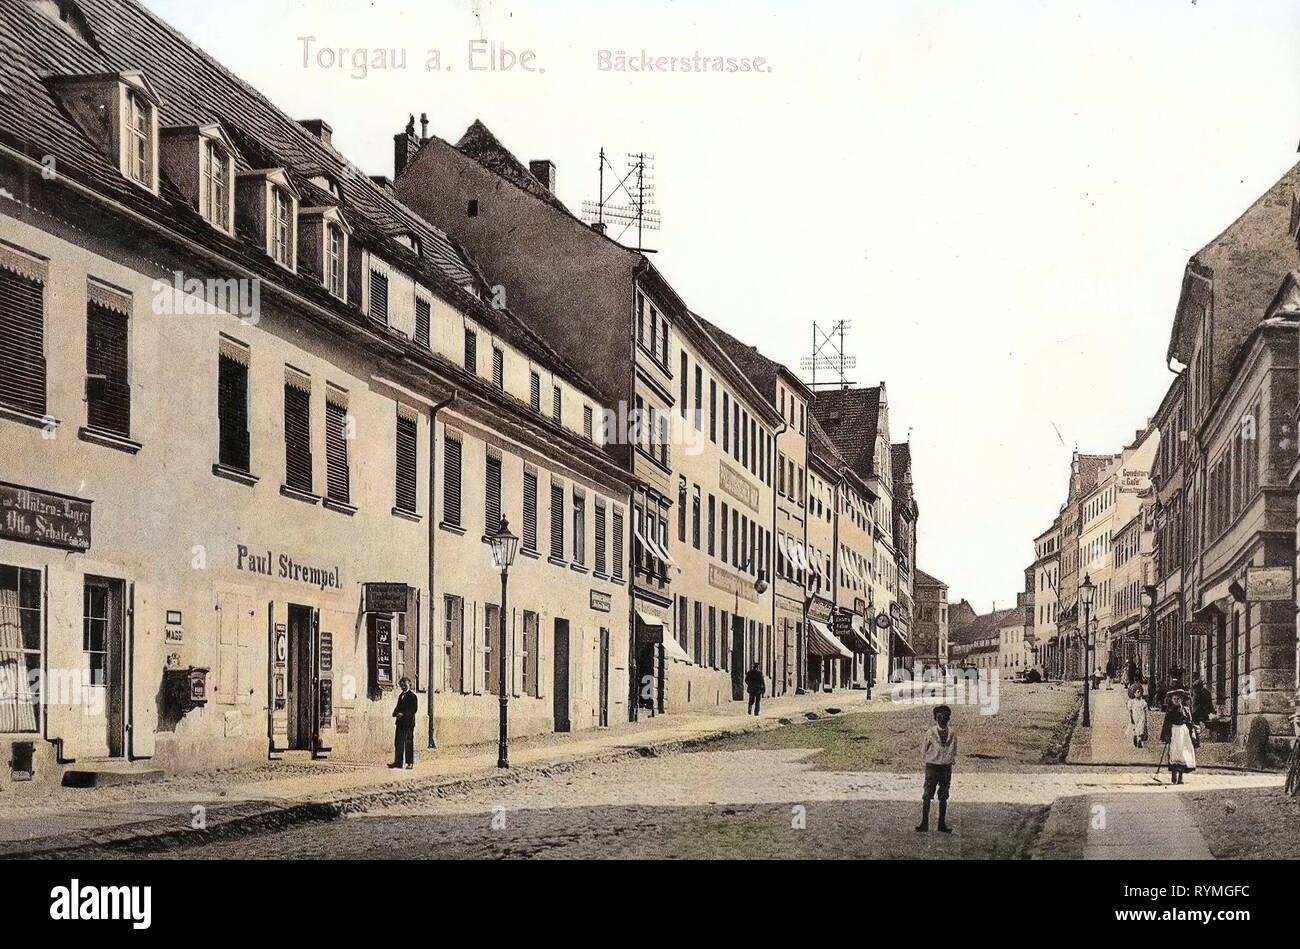 Buildings in Torgau, 1908, Landkreis Nordsachsen, Torgau, Bäckerstraße, Germany Stock Photo